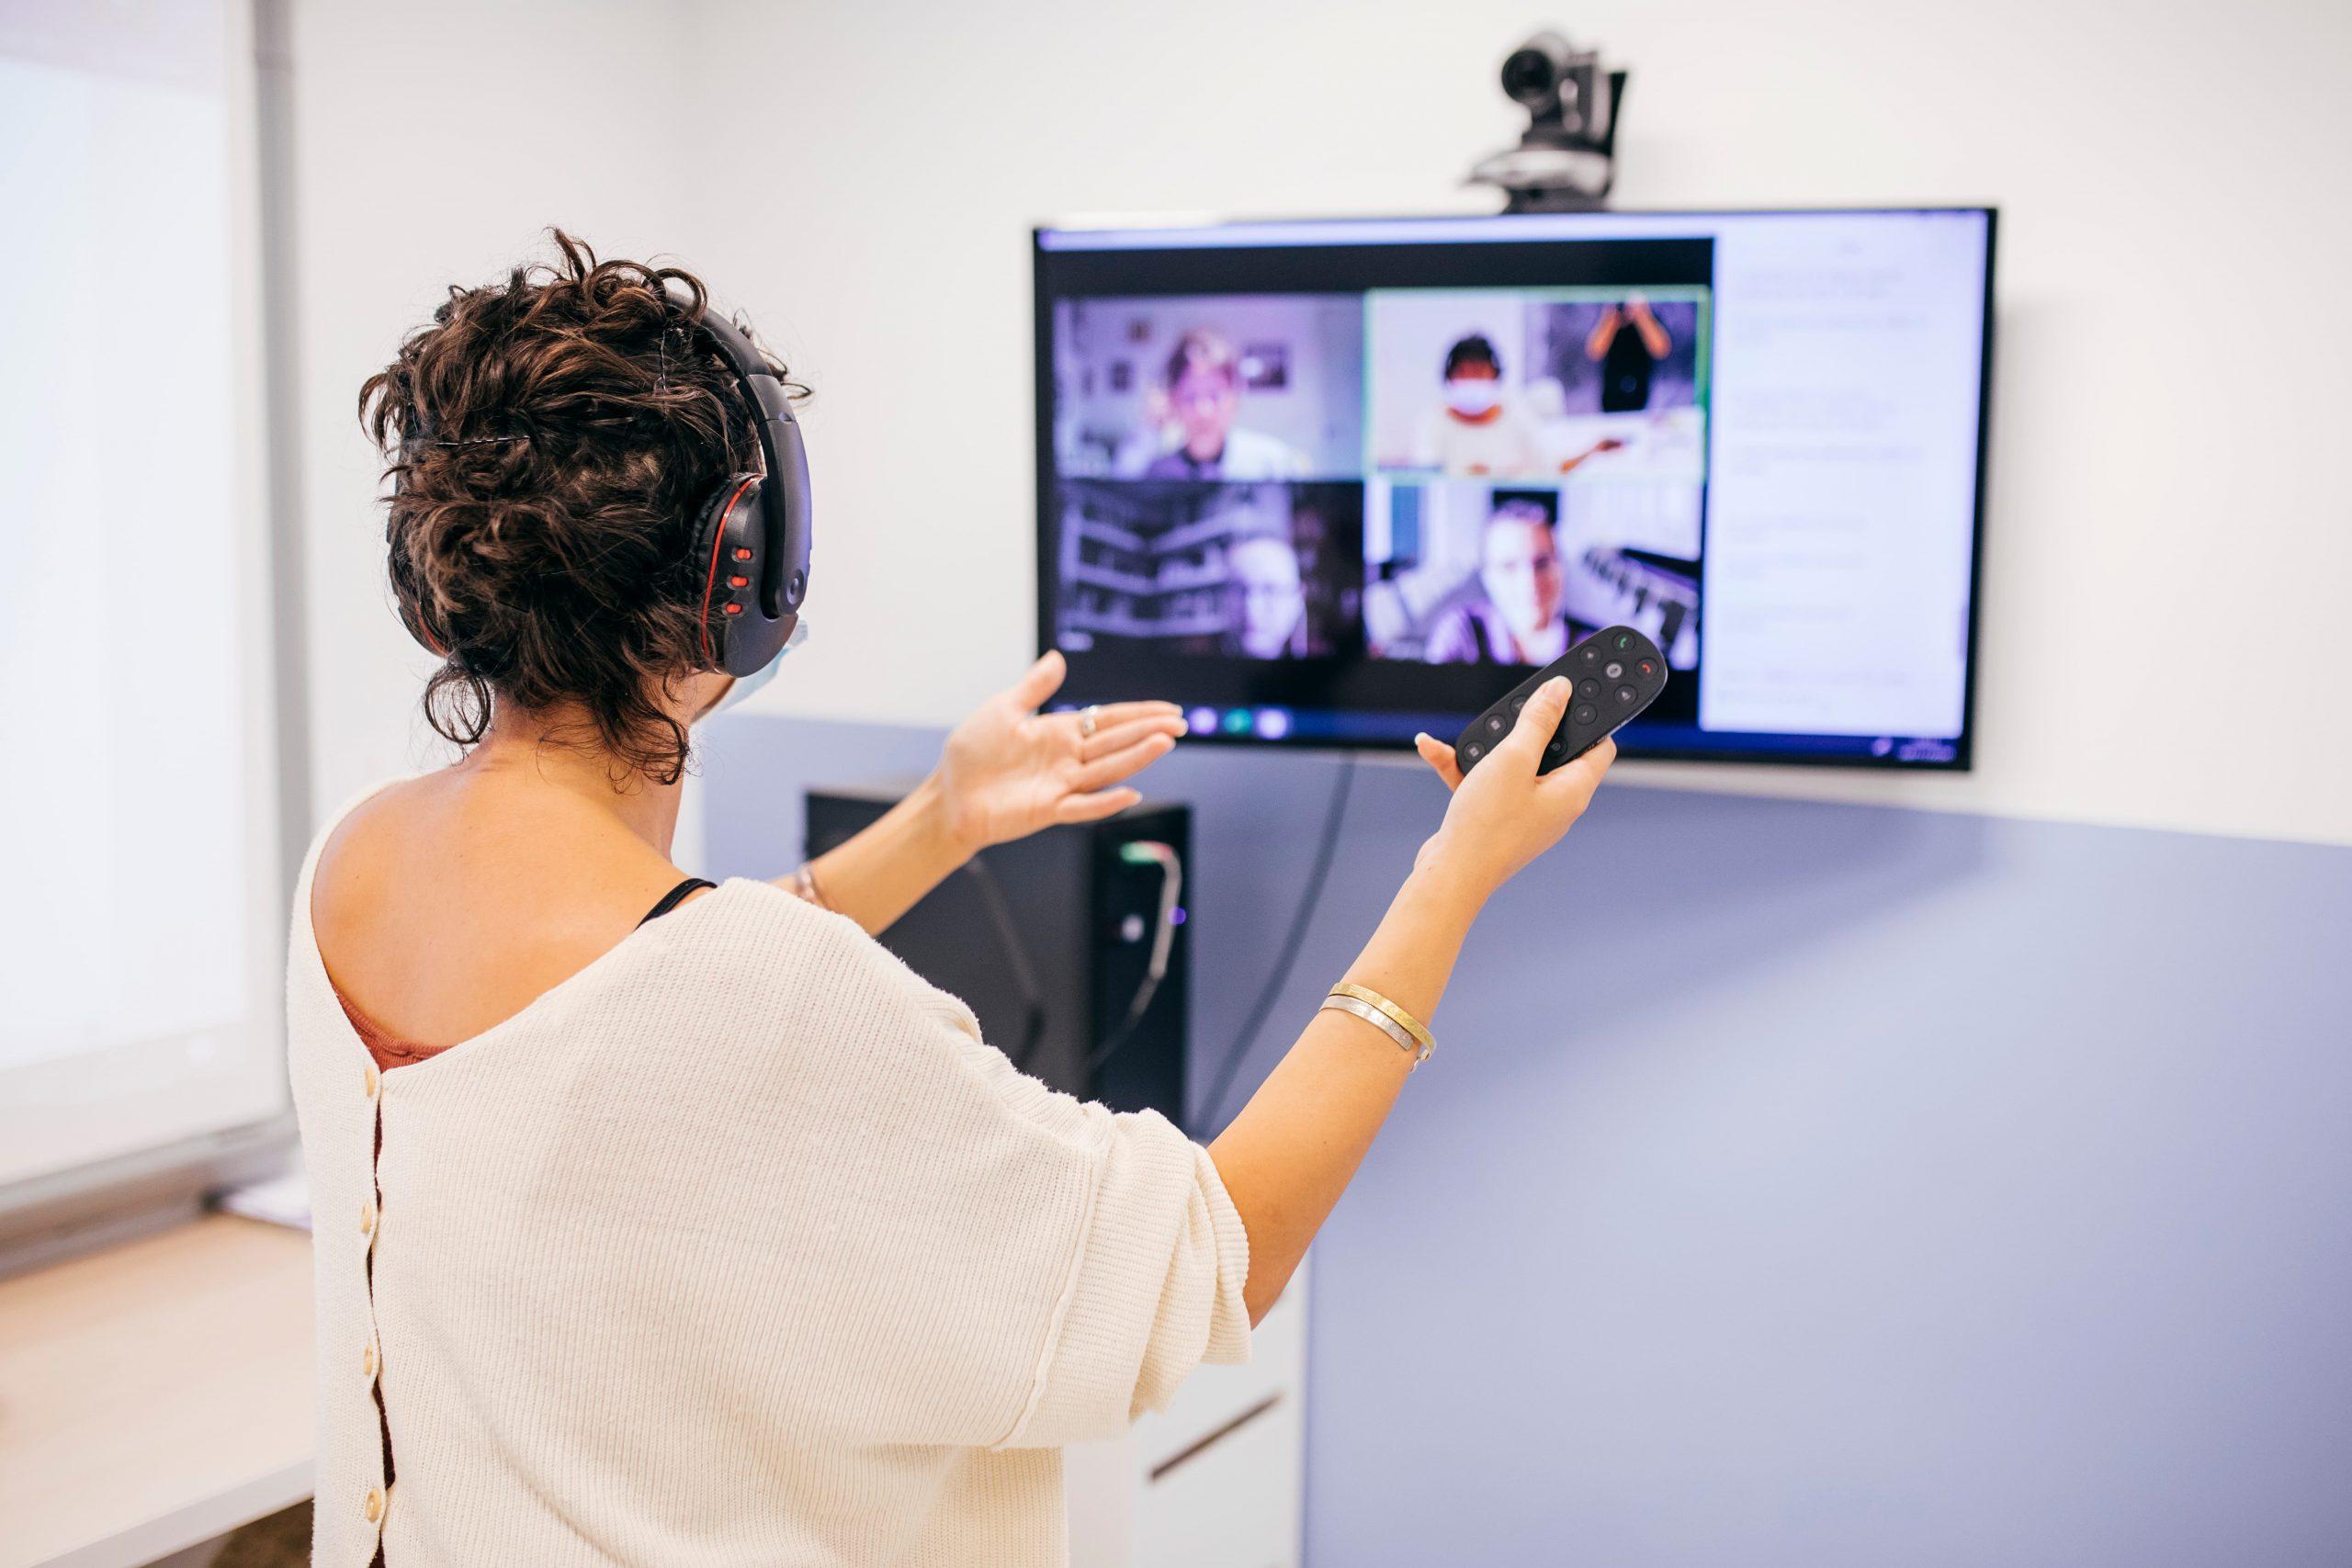 En la Alianza nos hemos especializado en la enseñanza remota a través de nuestros cursos online de francés